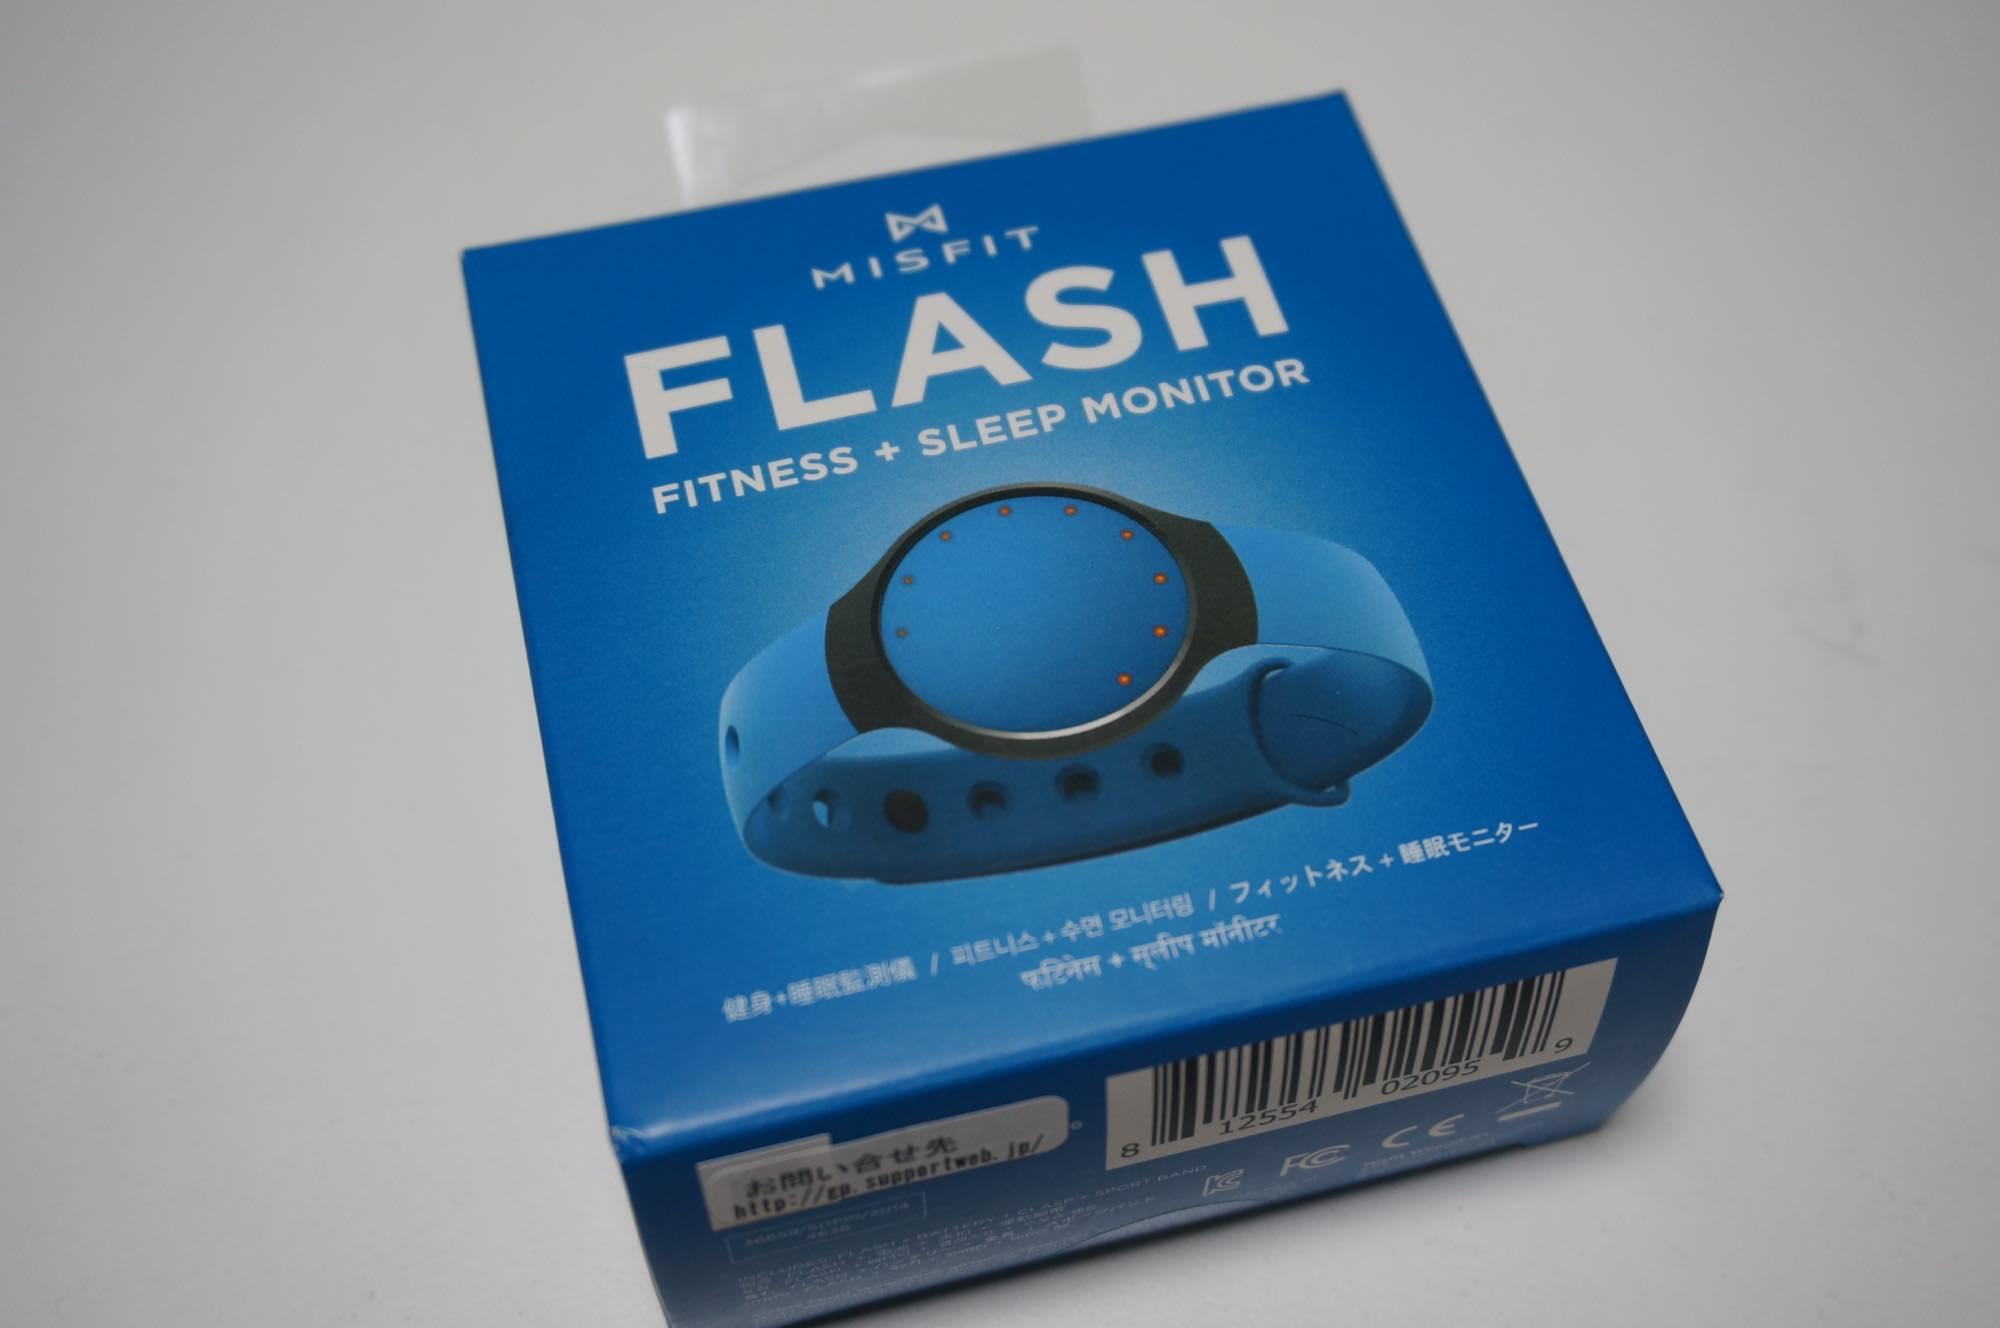 misfit-flash1